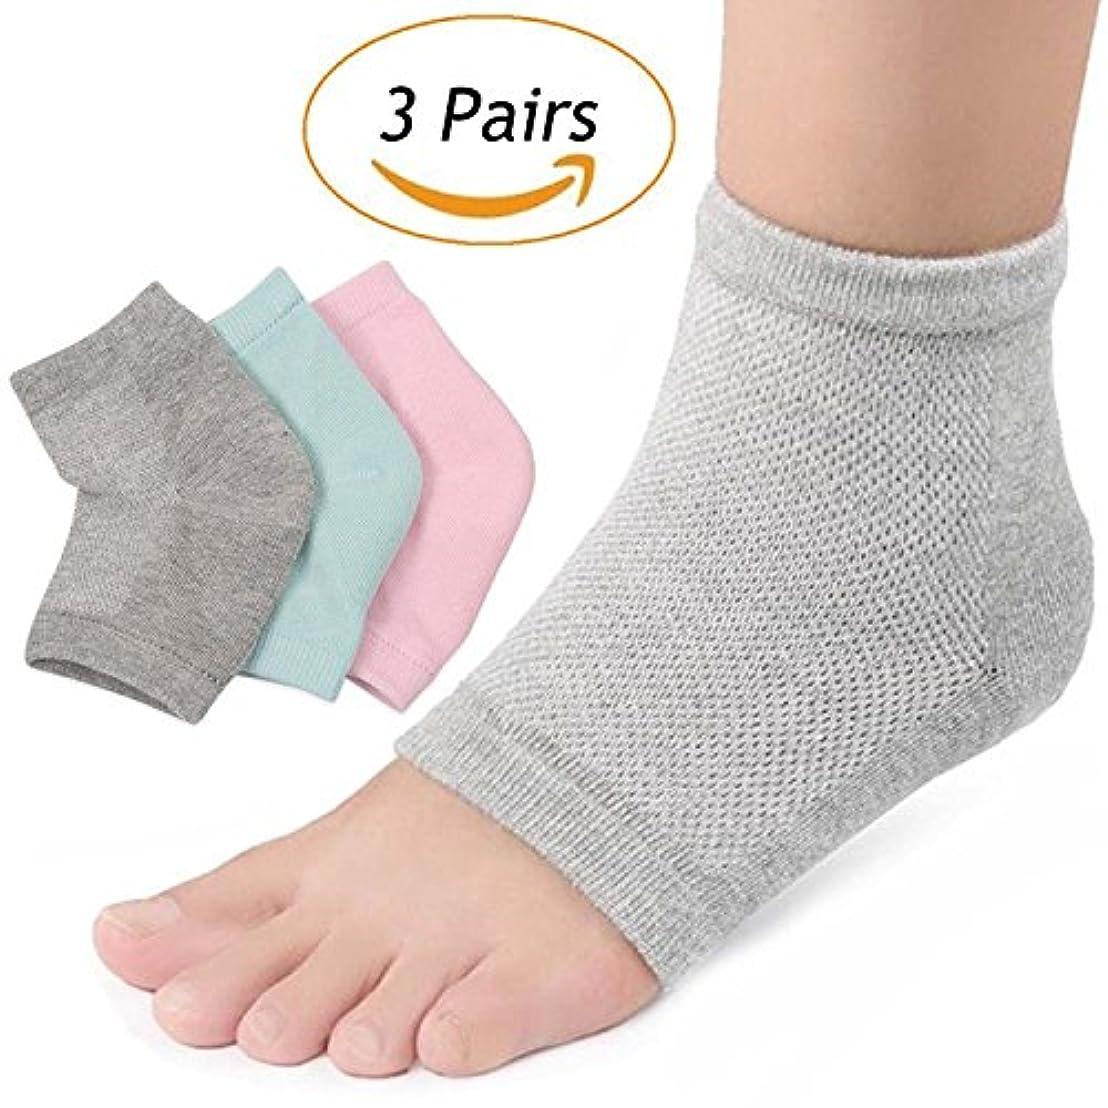 ポータル常に姿勢LOVART'S BEAUTY かかと靴下 指なし つるつるソックス かかとカバー メッシュ ケア 美脚 3足セット